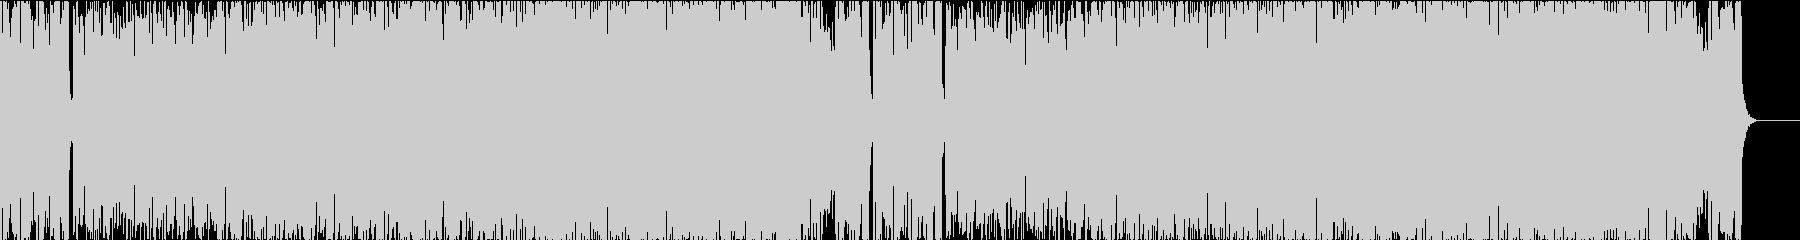 陽気で軽快なケルト曲の未再生の波形